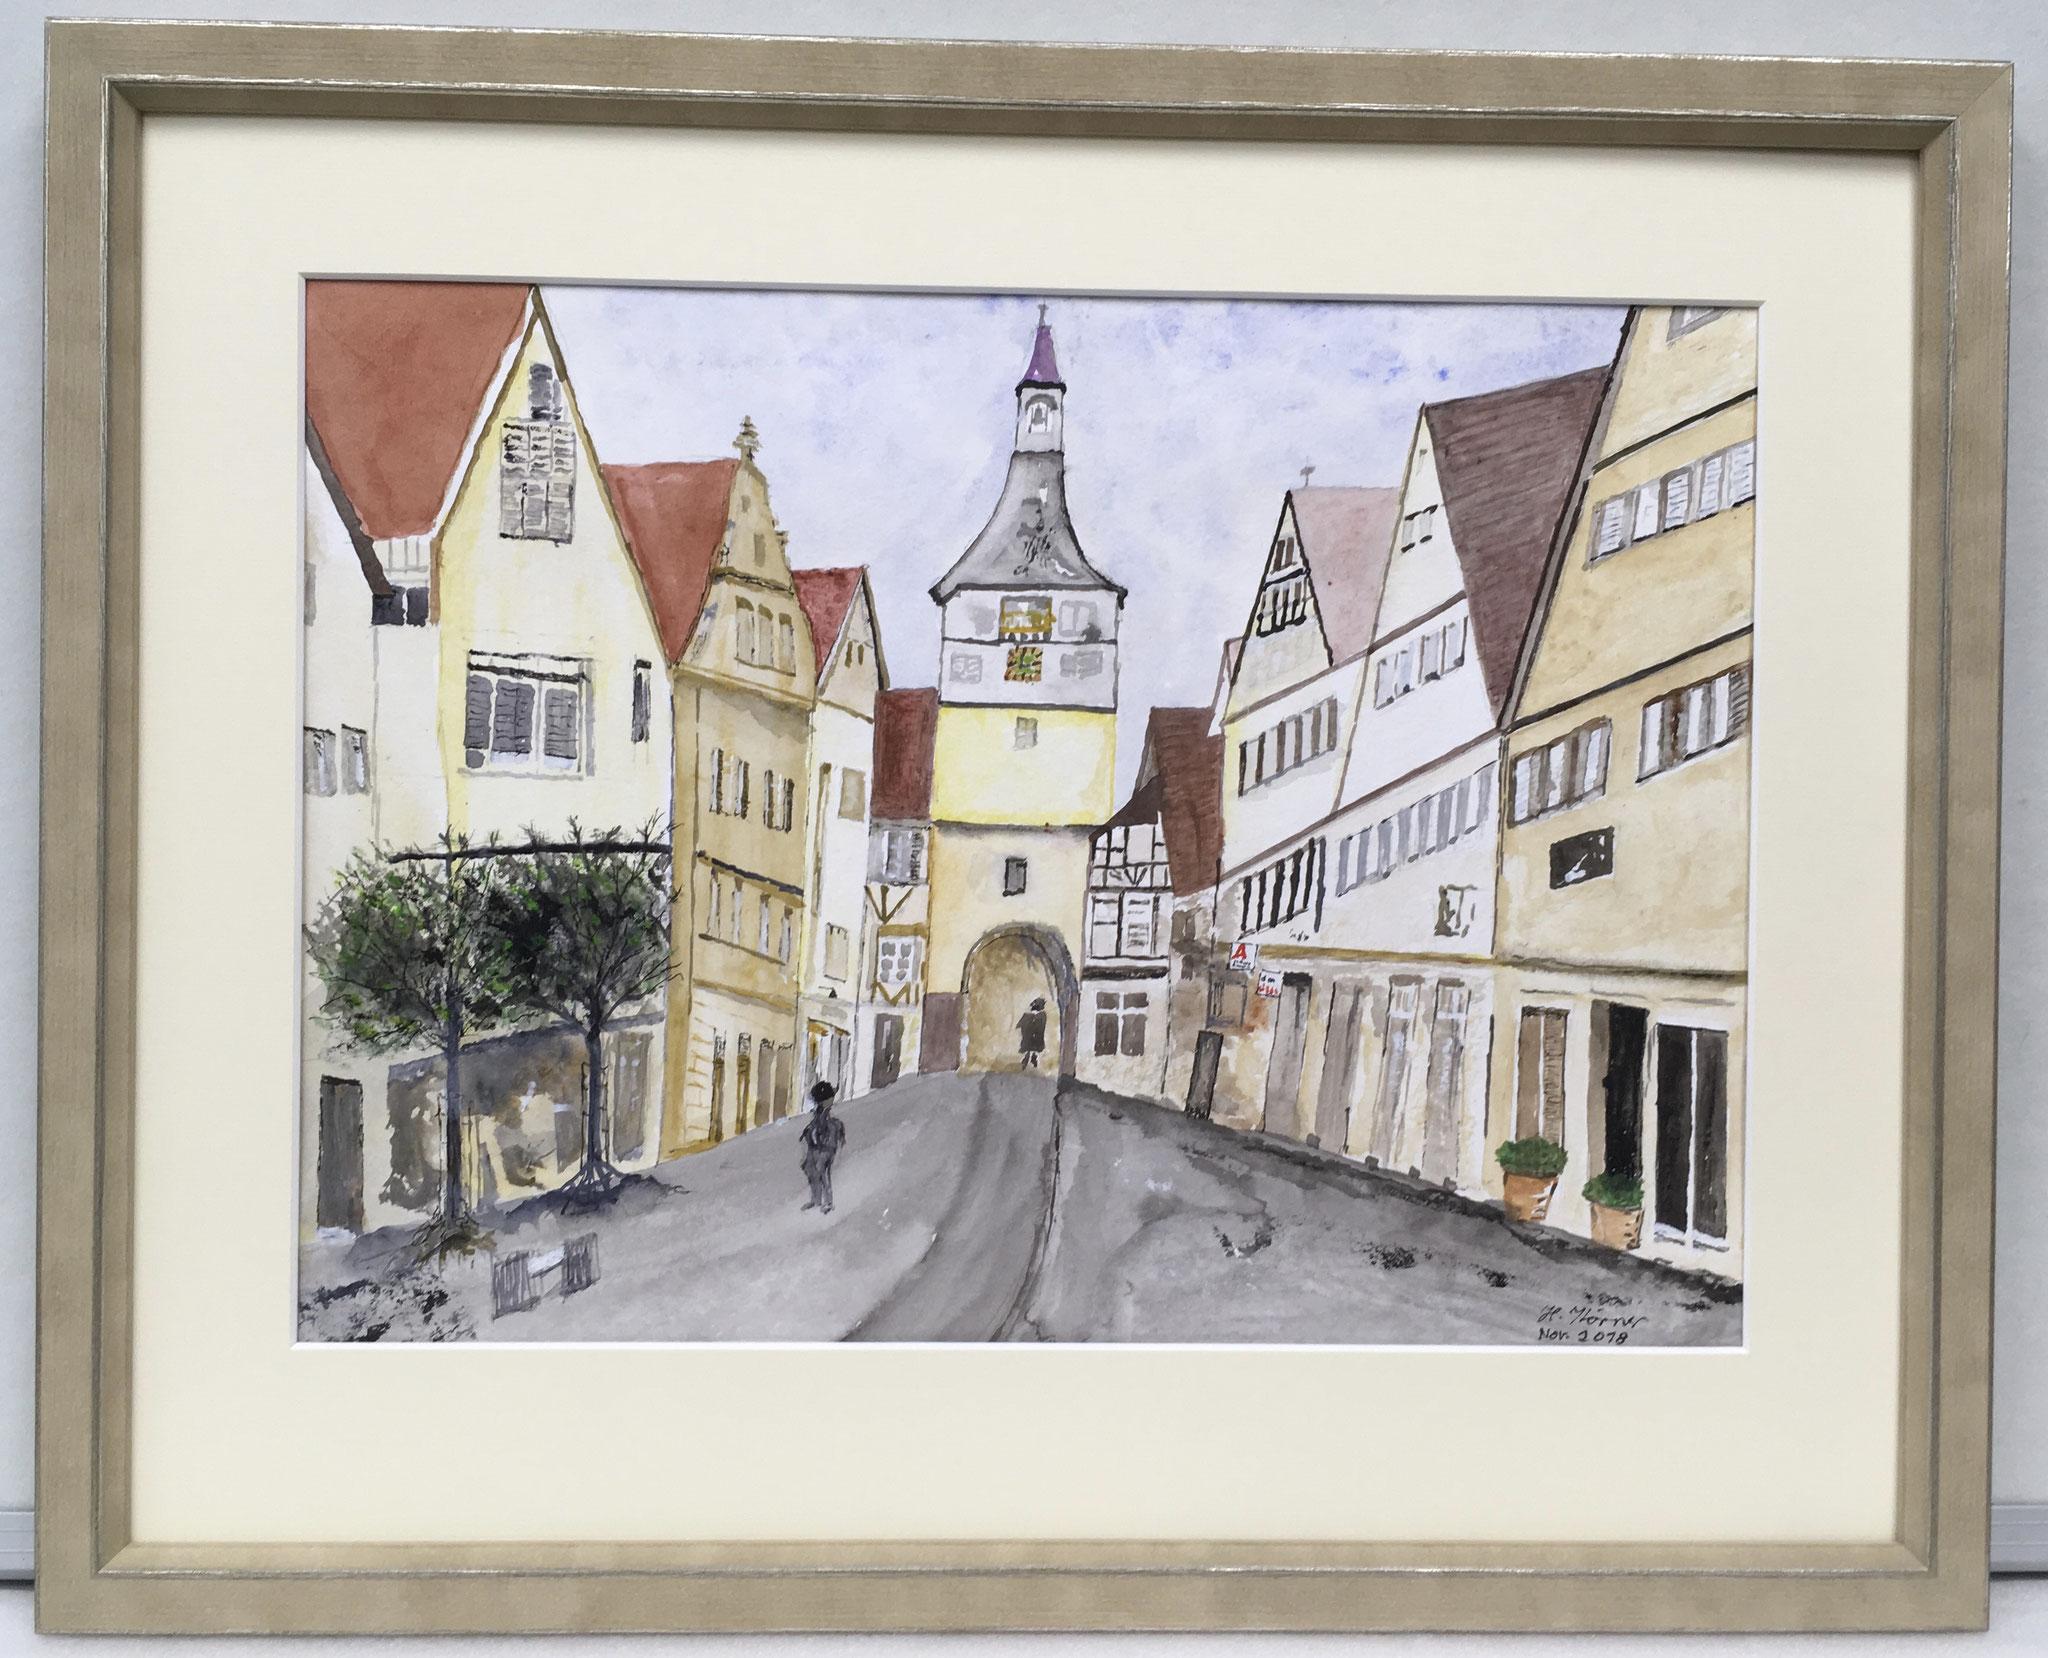 Künstler malt seine Stadt für zuhause.